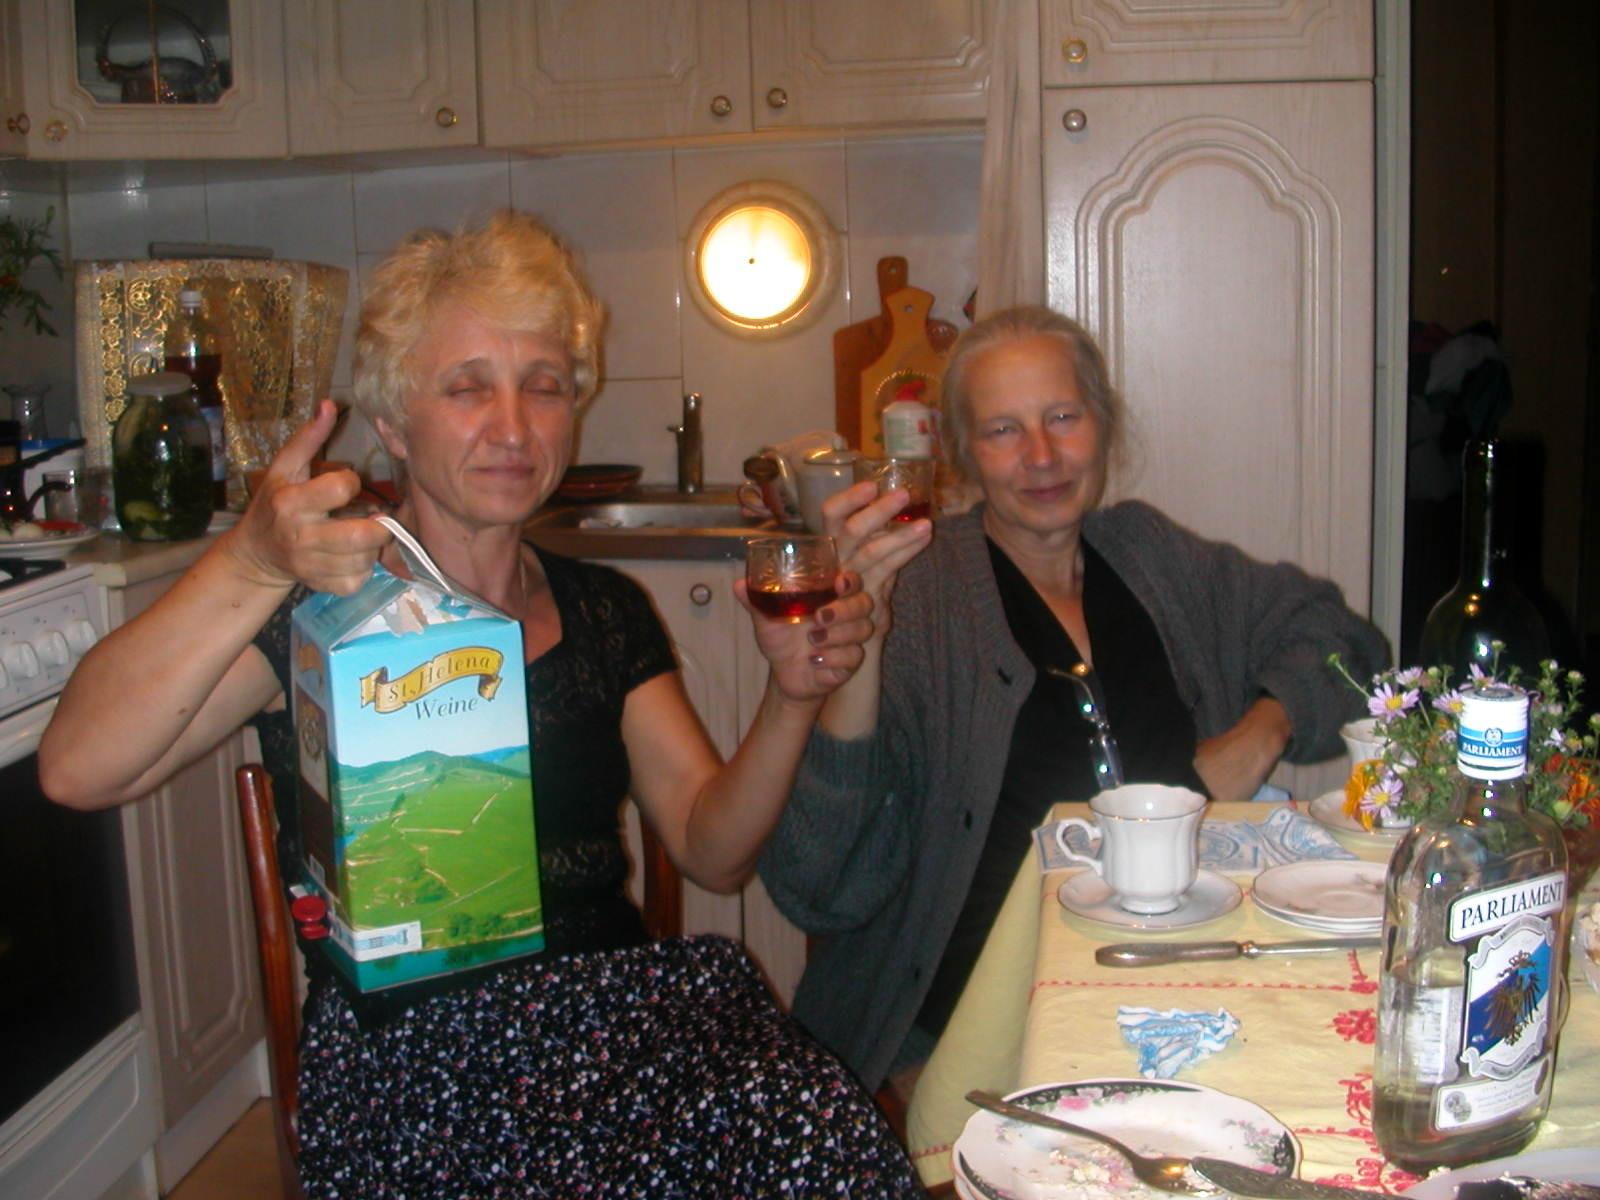 Wein aus der Packung, aber aus den Flaschen gab es ihn auch  (Lina und Nadja)